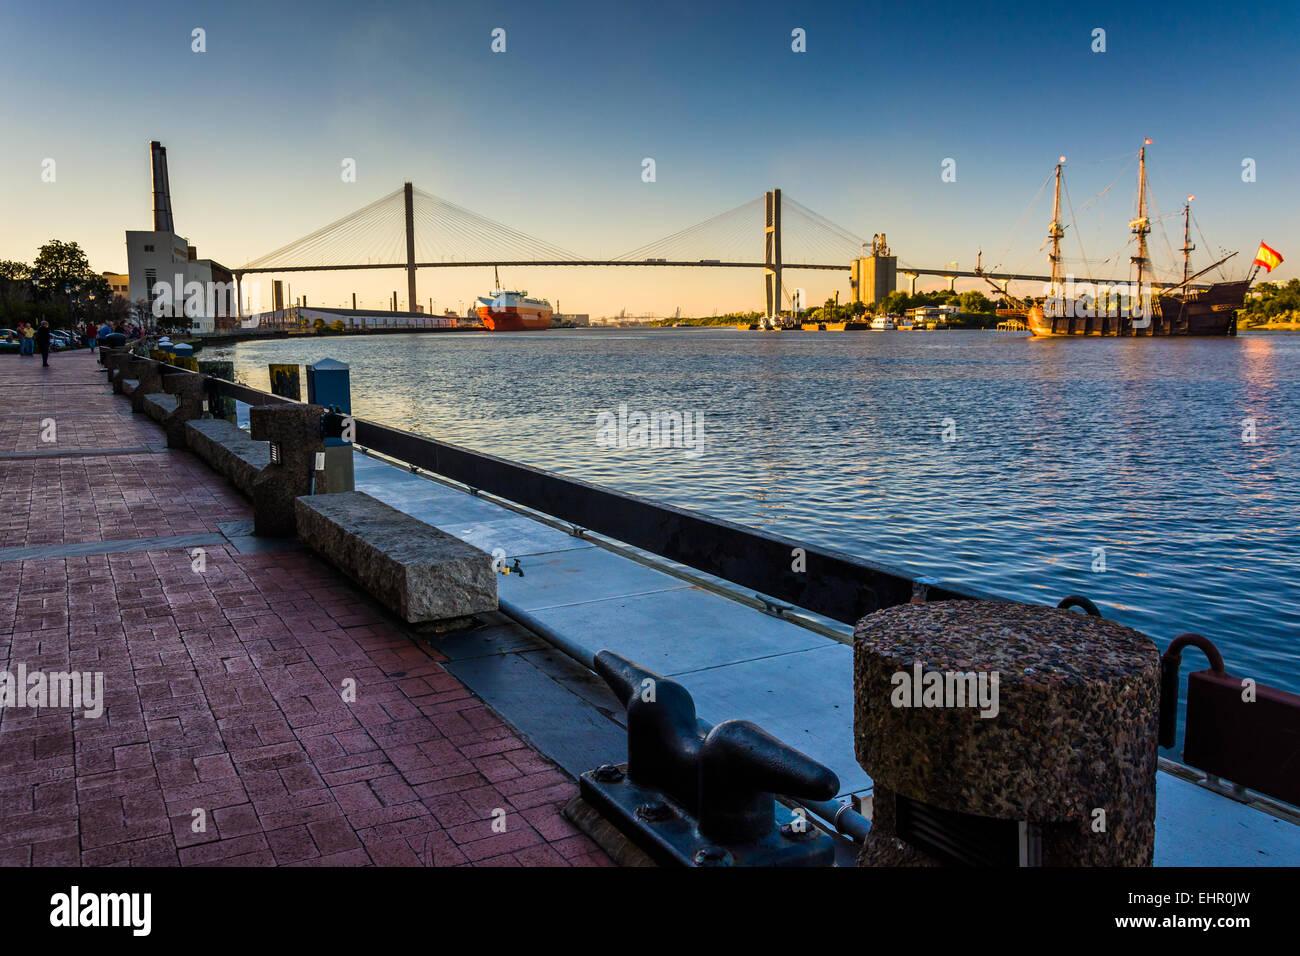 Talmadge Memorial Bridge over the Savannah River in Savannah, Georgia. - Stock Image